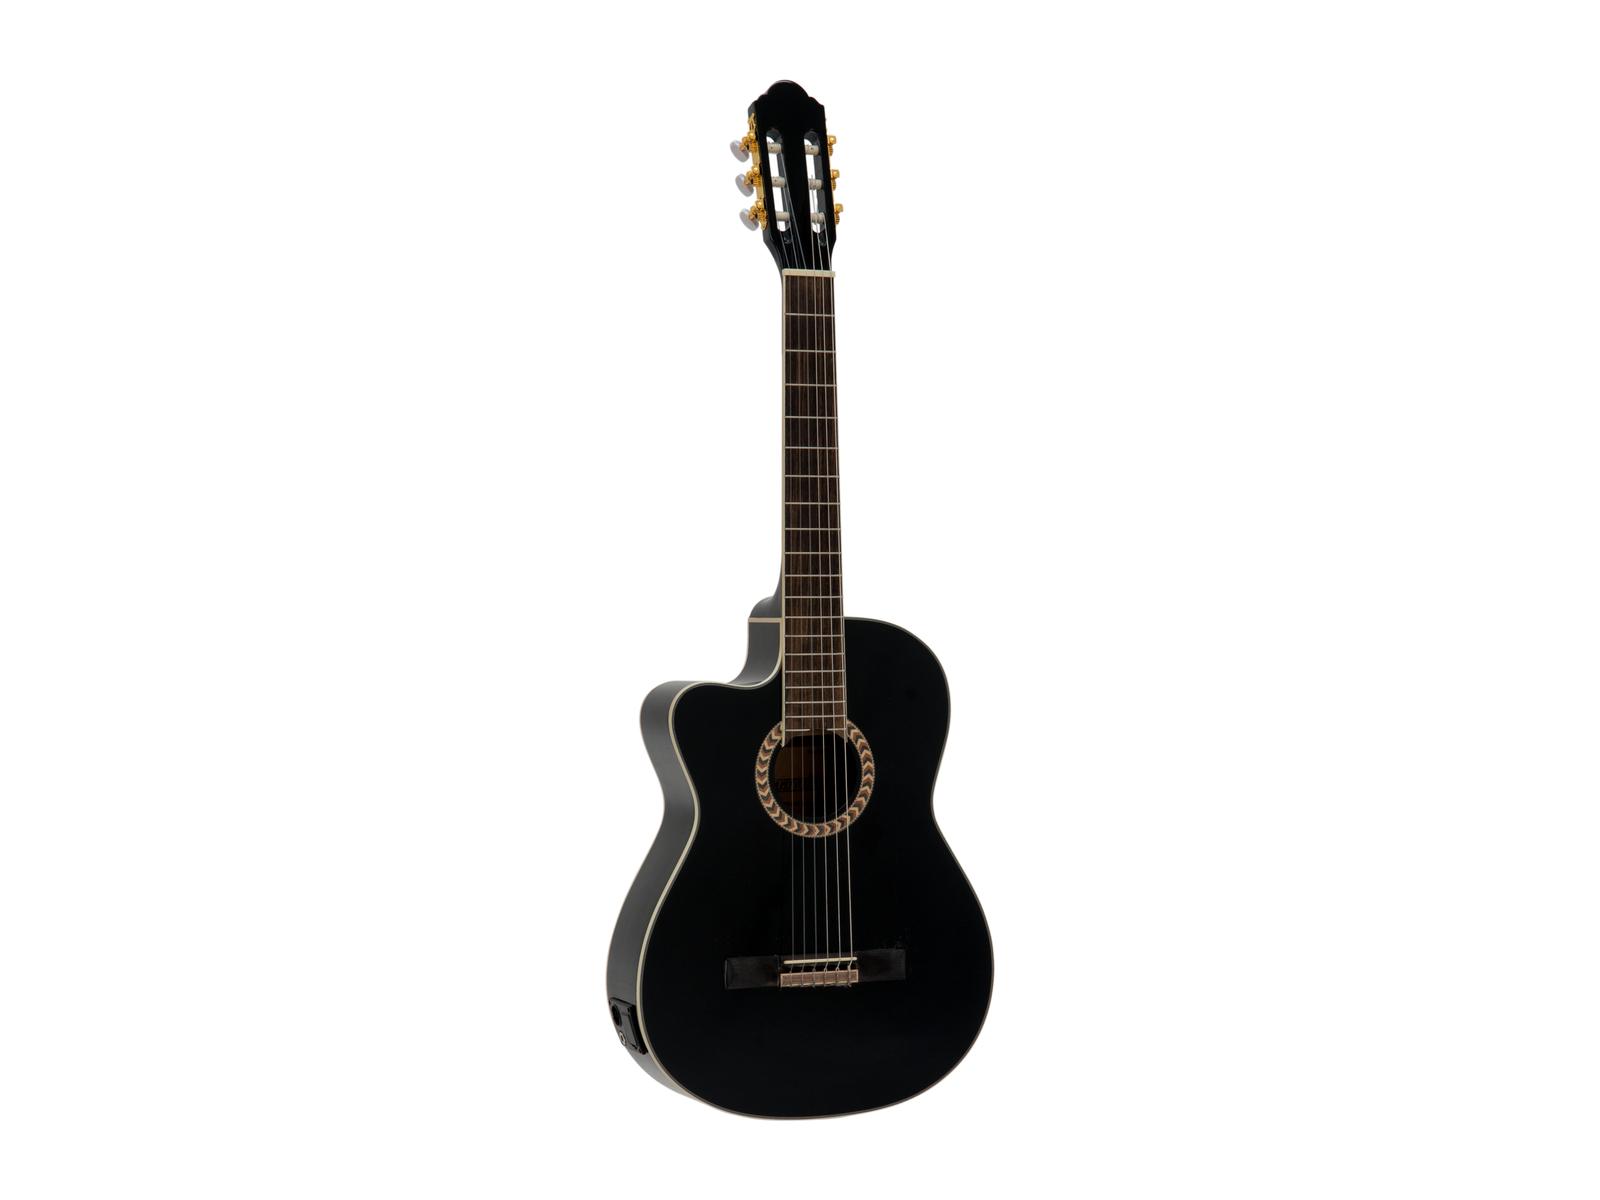 Dimavery CN-600L Classical guitar, black